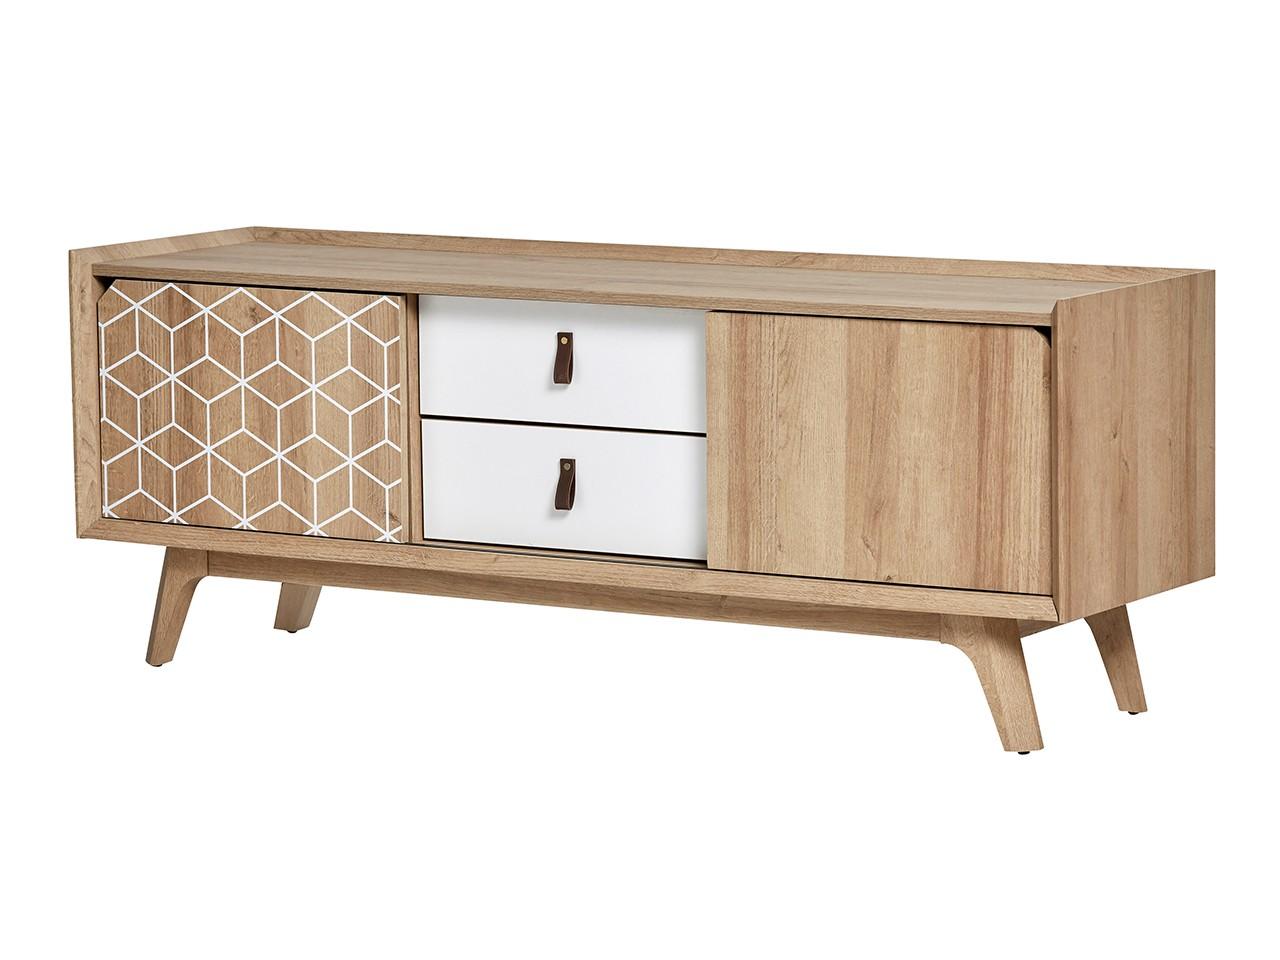 Cocinas Baratas Y Muebles De Cocina Baratos Dicoro - Cocina-barata